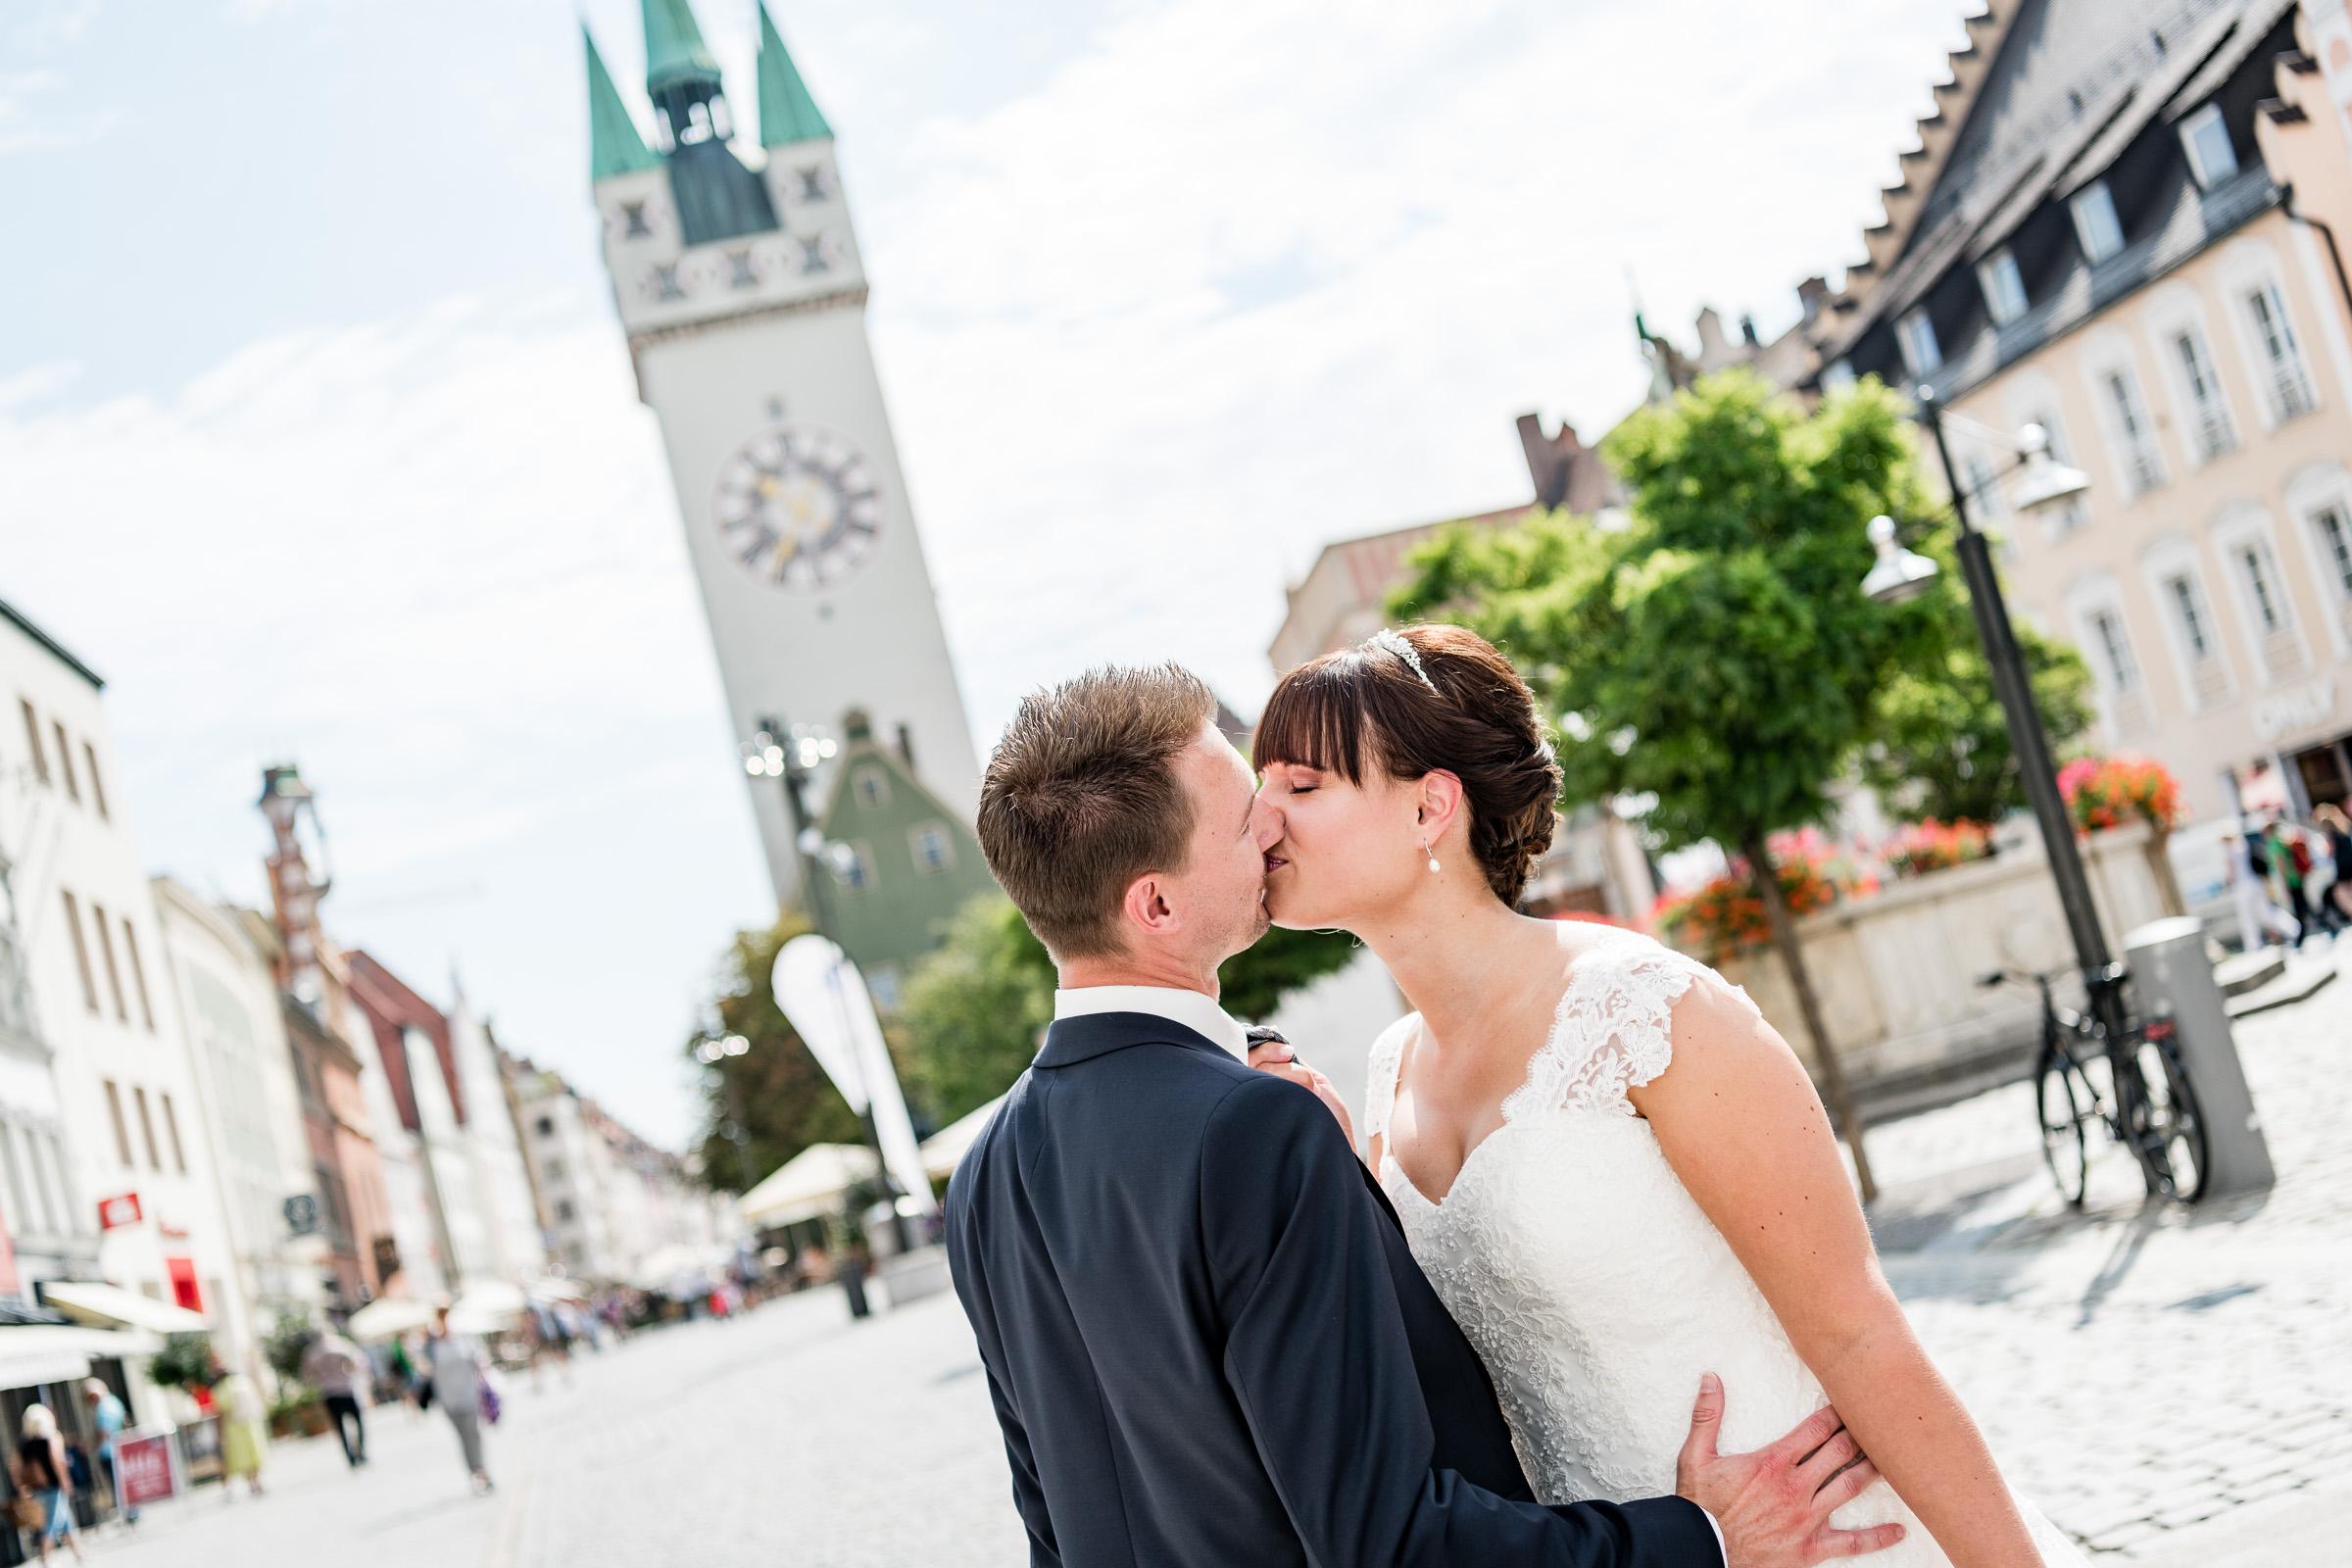 Hochzeitsfotograf-Straubing00001.jpg